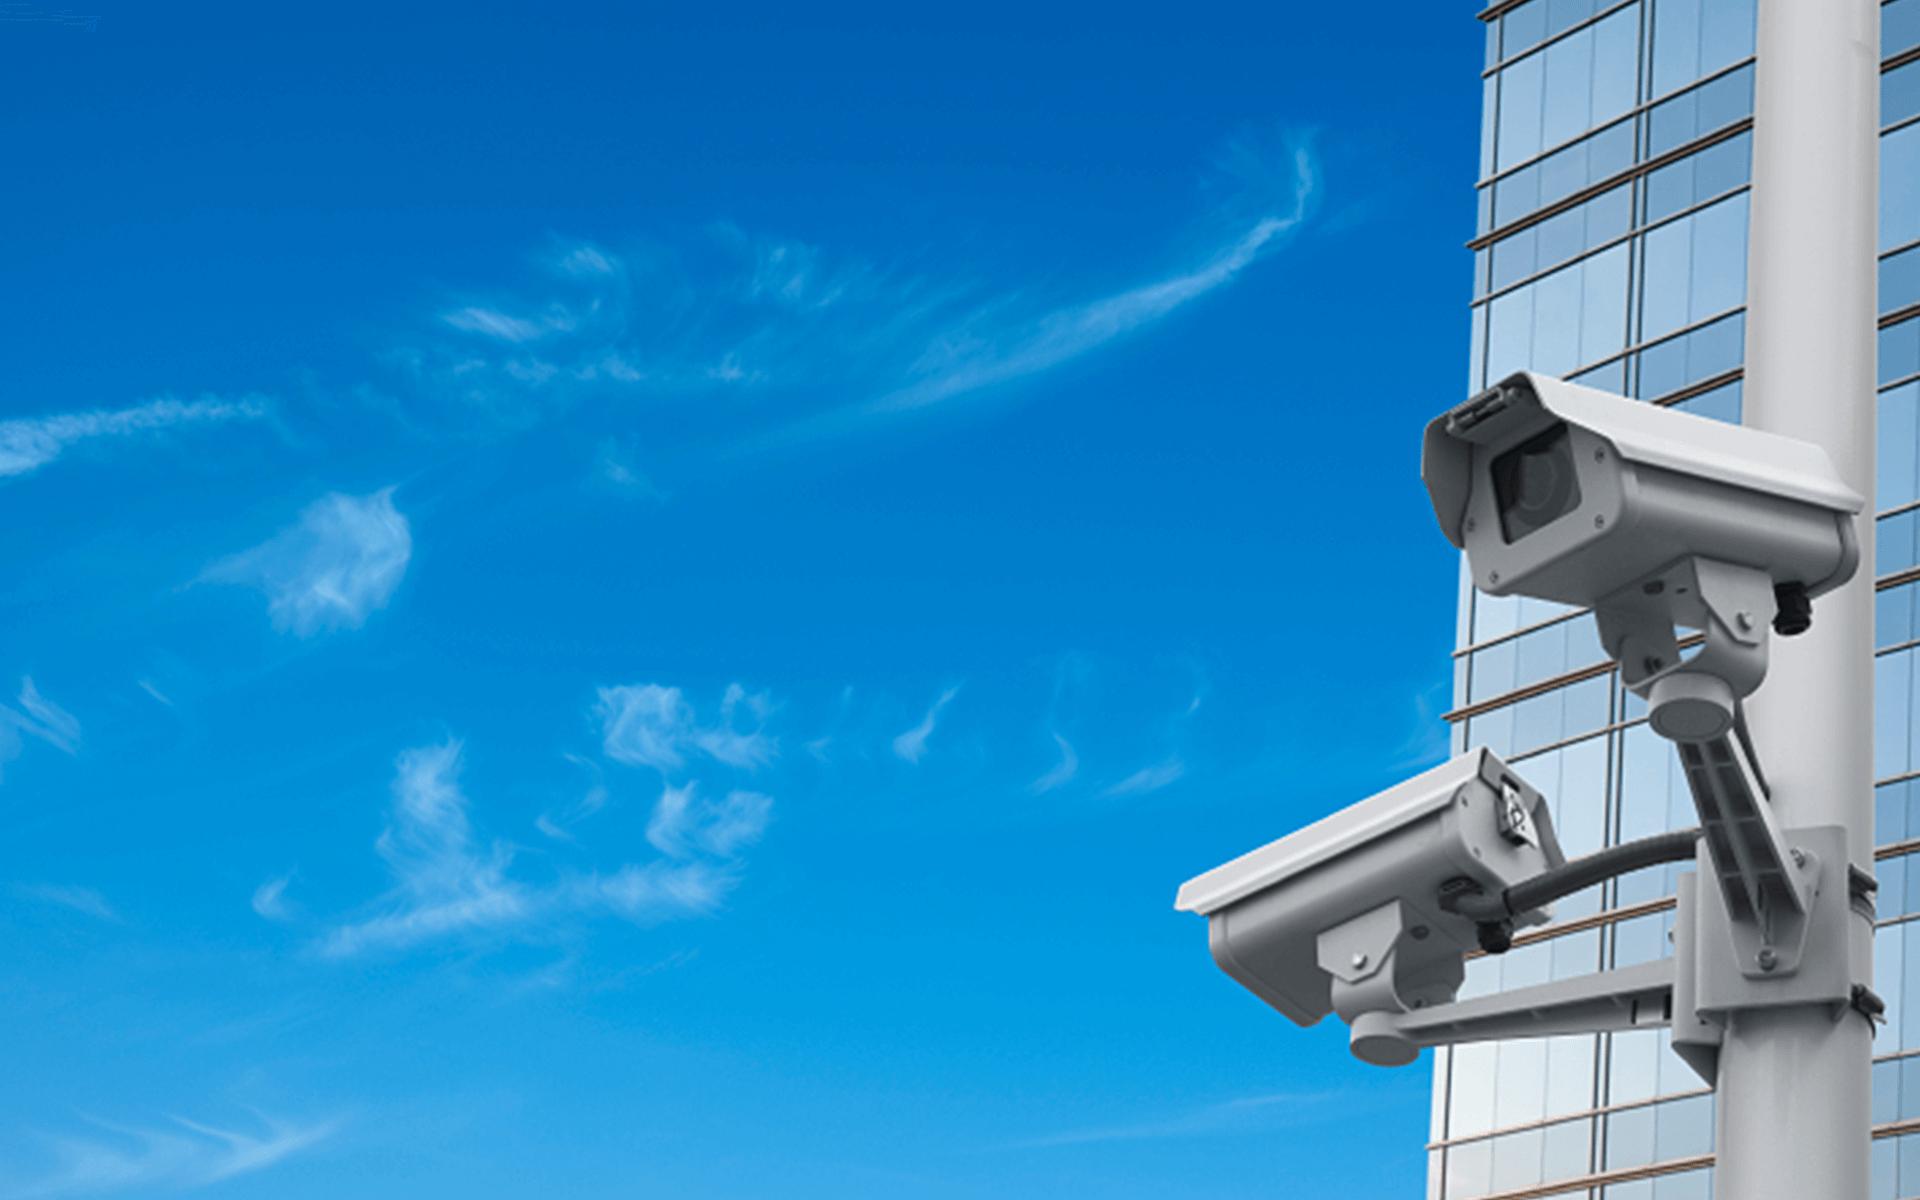 Home Surveillance Cameras Installation Los Angeles | Cctv security cameras, Security  camera installation, Home security systems